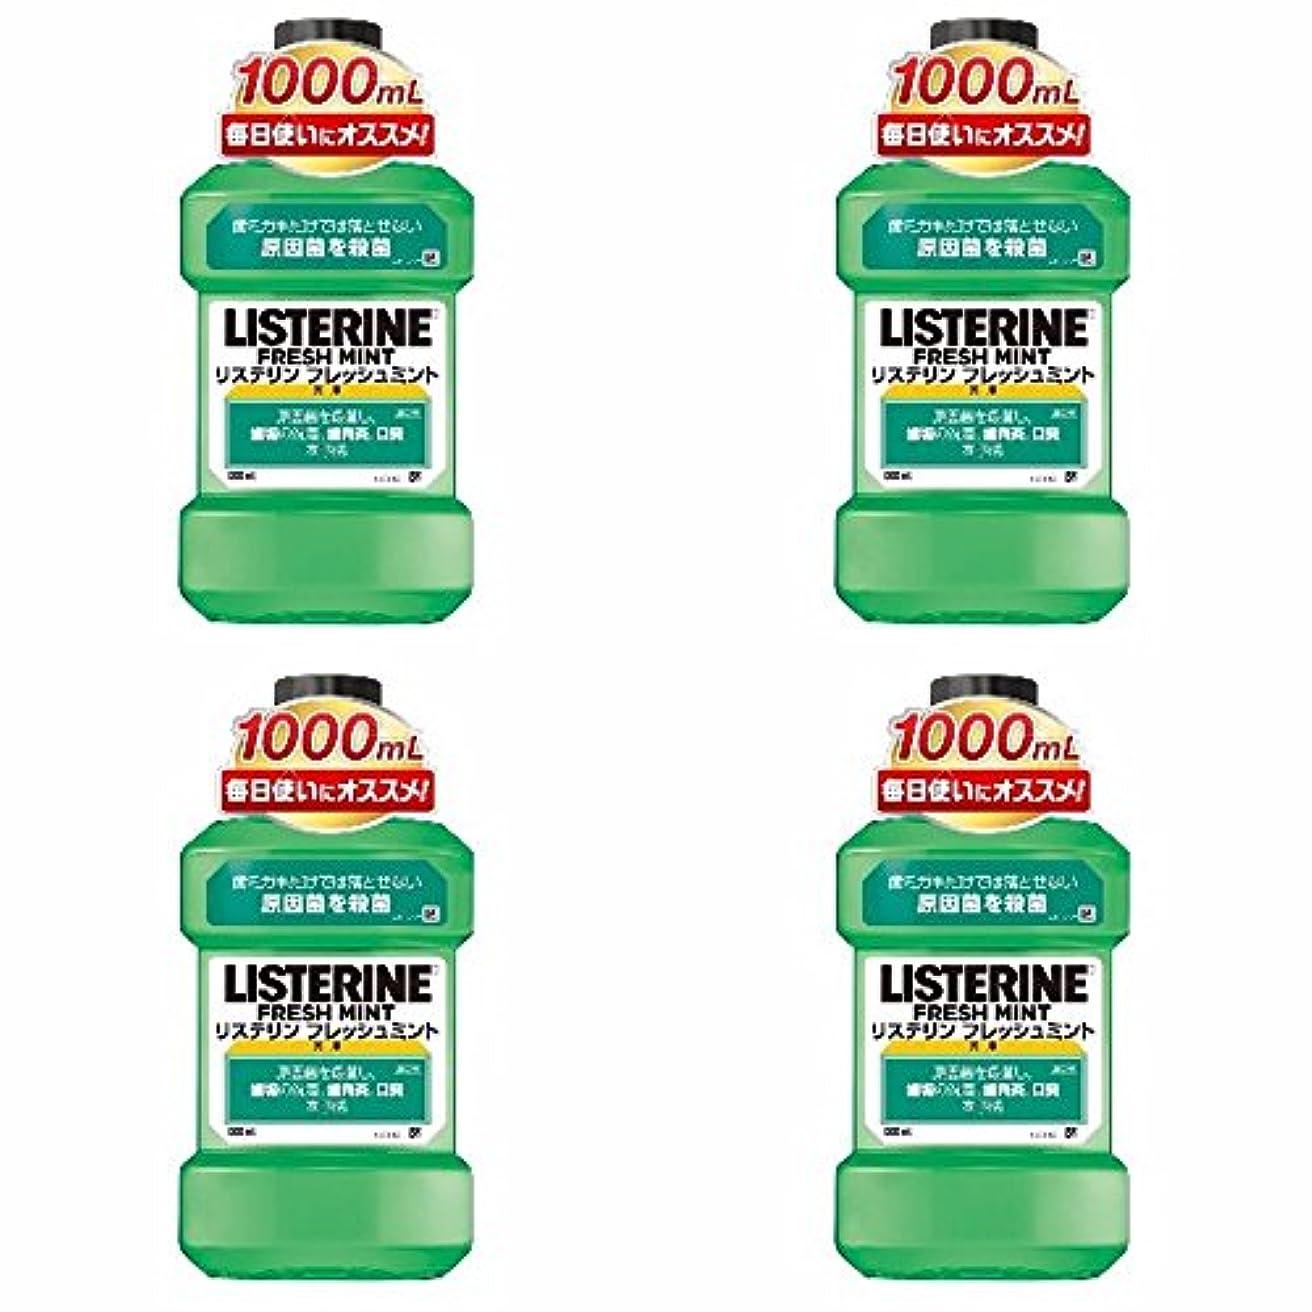 鉱石転用コマース【まとめ買い】薬用 LISTERINE リステリン フレッシュミント 1000ml×4個